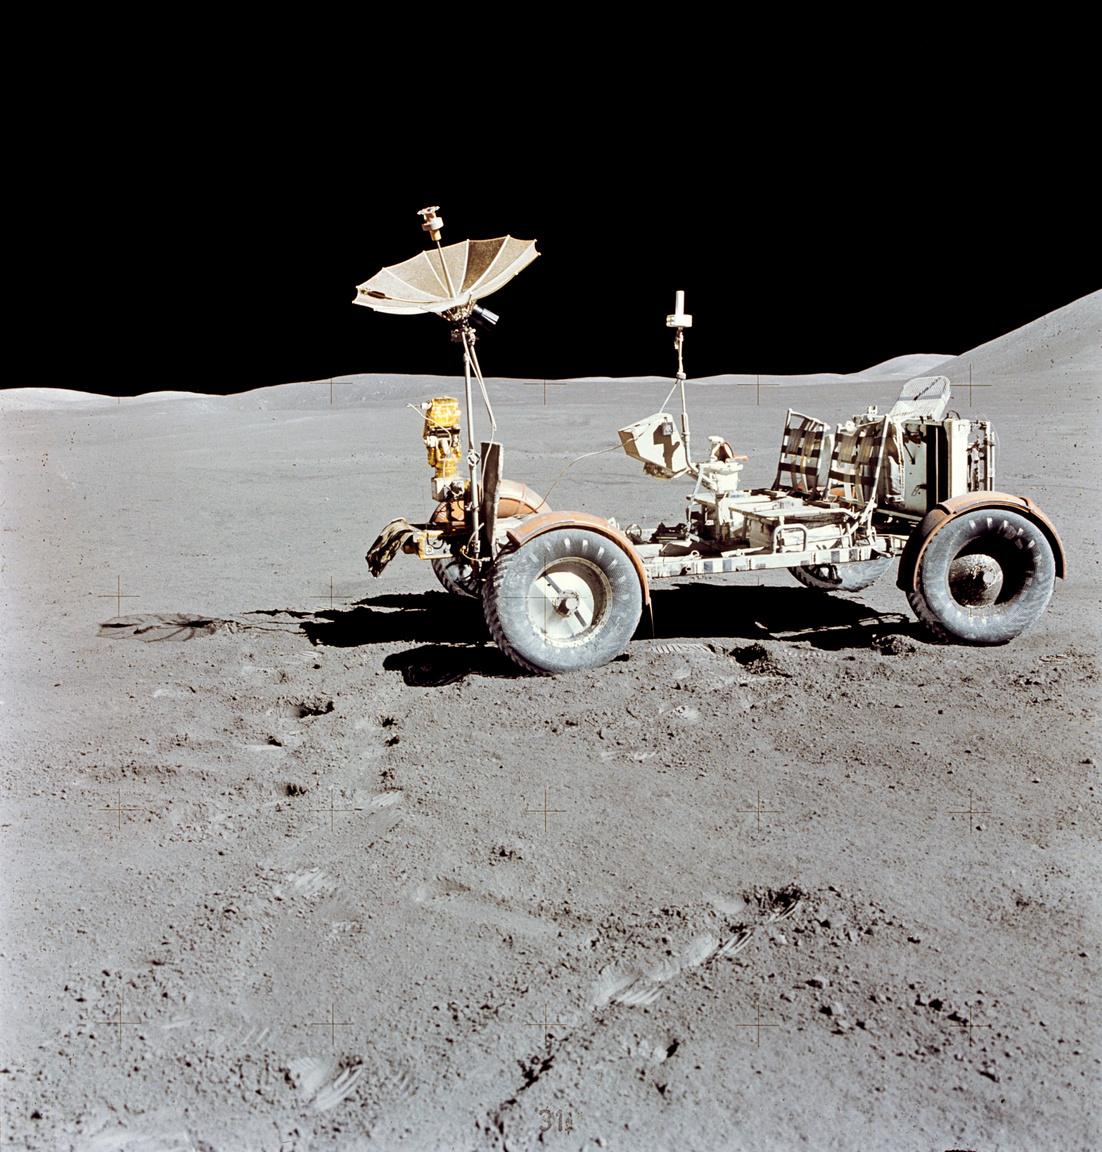 Pontosan ötven évvel ezelőtt, 1971. július 31-én használták először élesben a holdjárót az űrben. A holdautót a Földön nem lehetne használni, ugyanis összeroppanna a felszerelések és az űrhajósok súlyától, ám a holdi gravitáció hatoda annak, ami a Földön van, így ott simán terhelhető volt a 208 kilogrammot nyomó jármű saját súlyának több mint kétszeresével, 409 kilogrammal is.